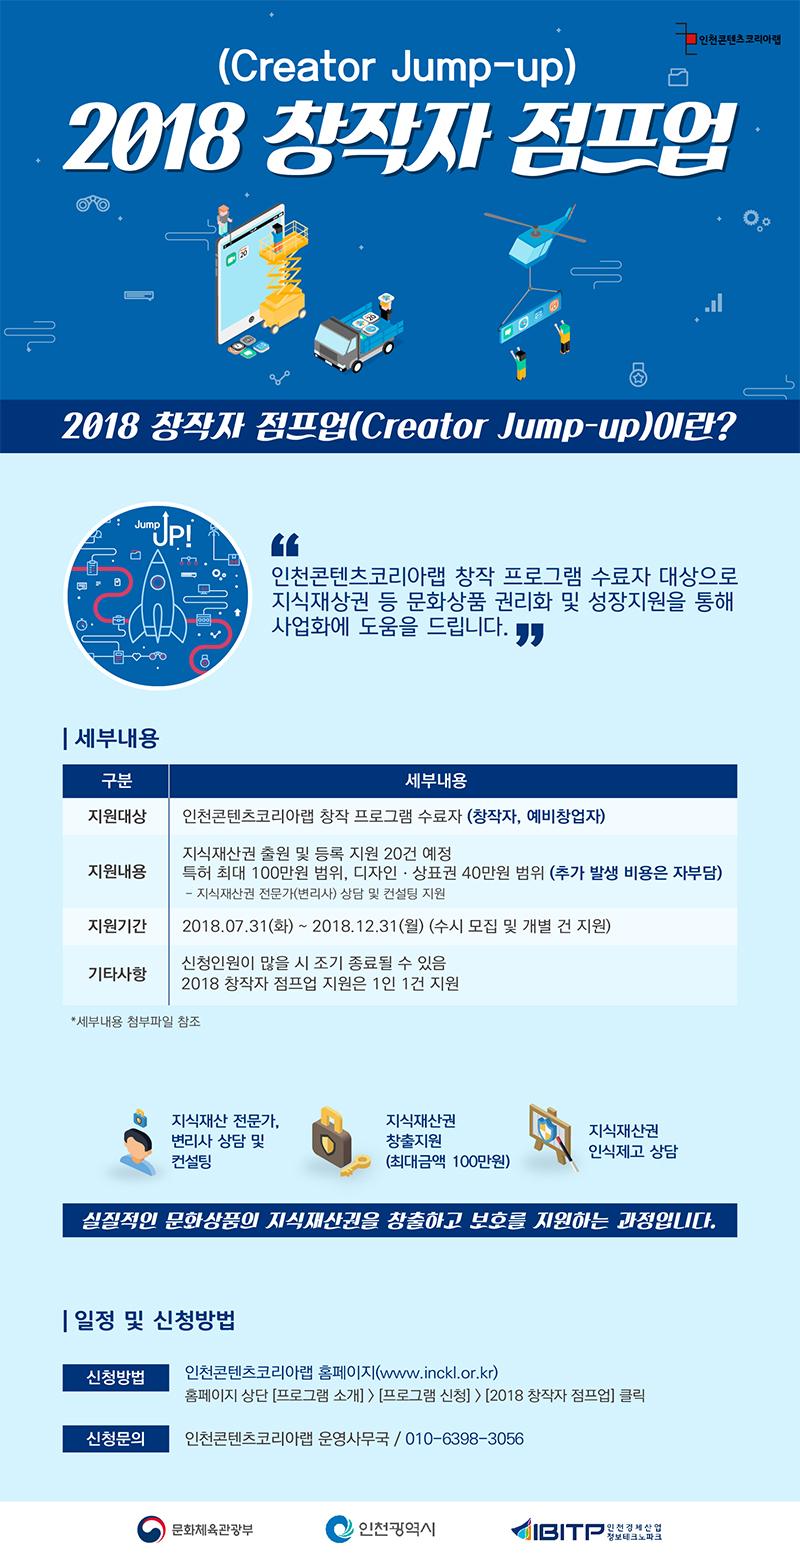 20180802_창작자 점프업 포스터.jpg